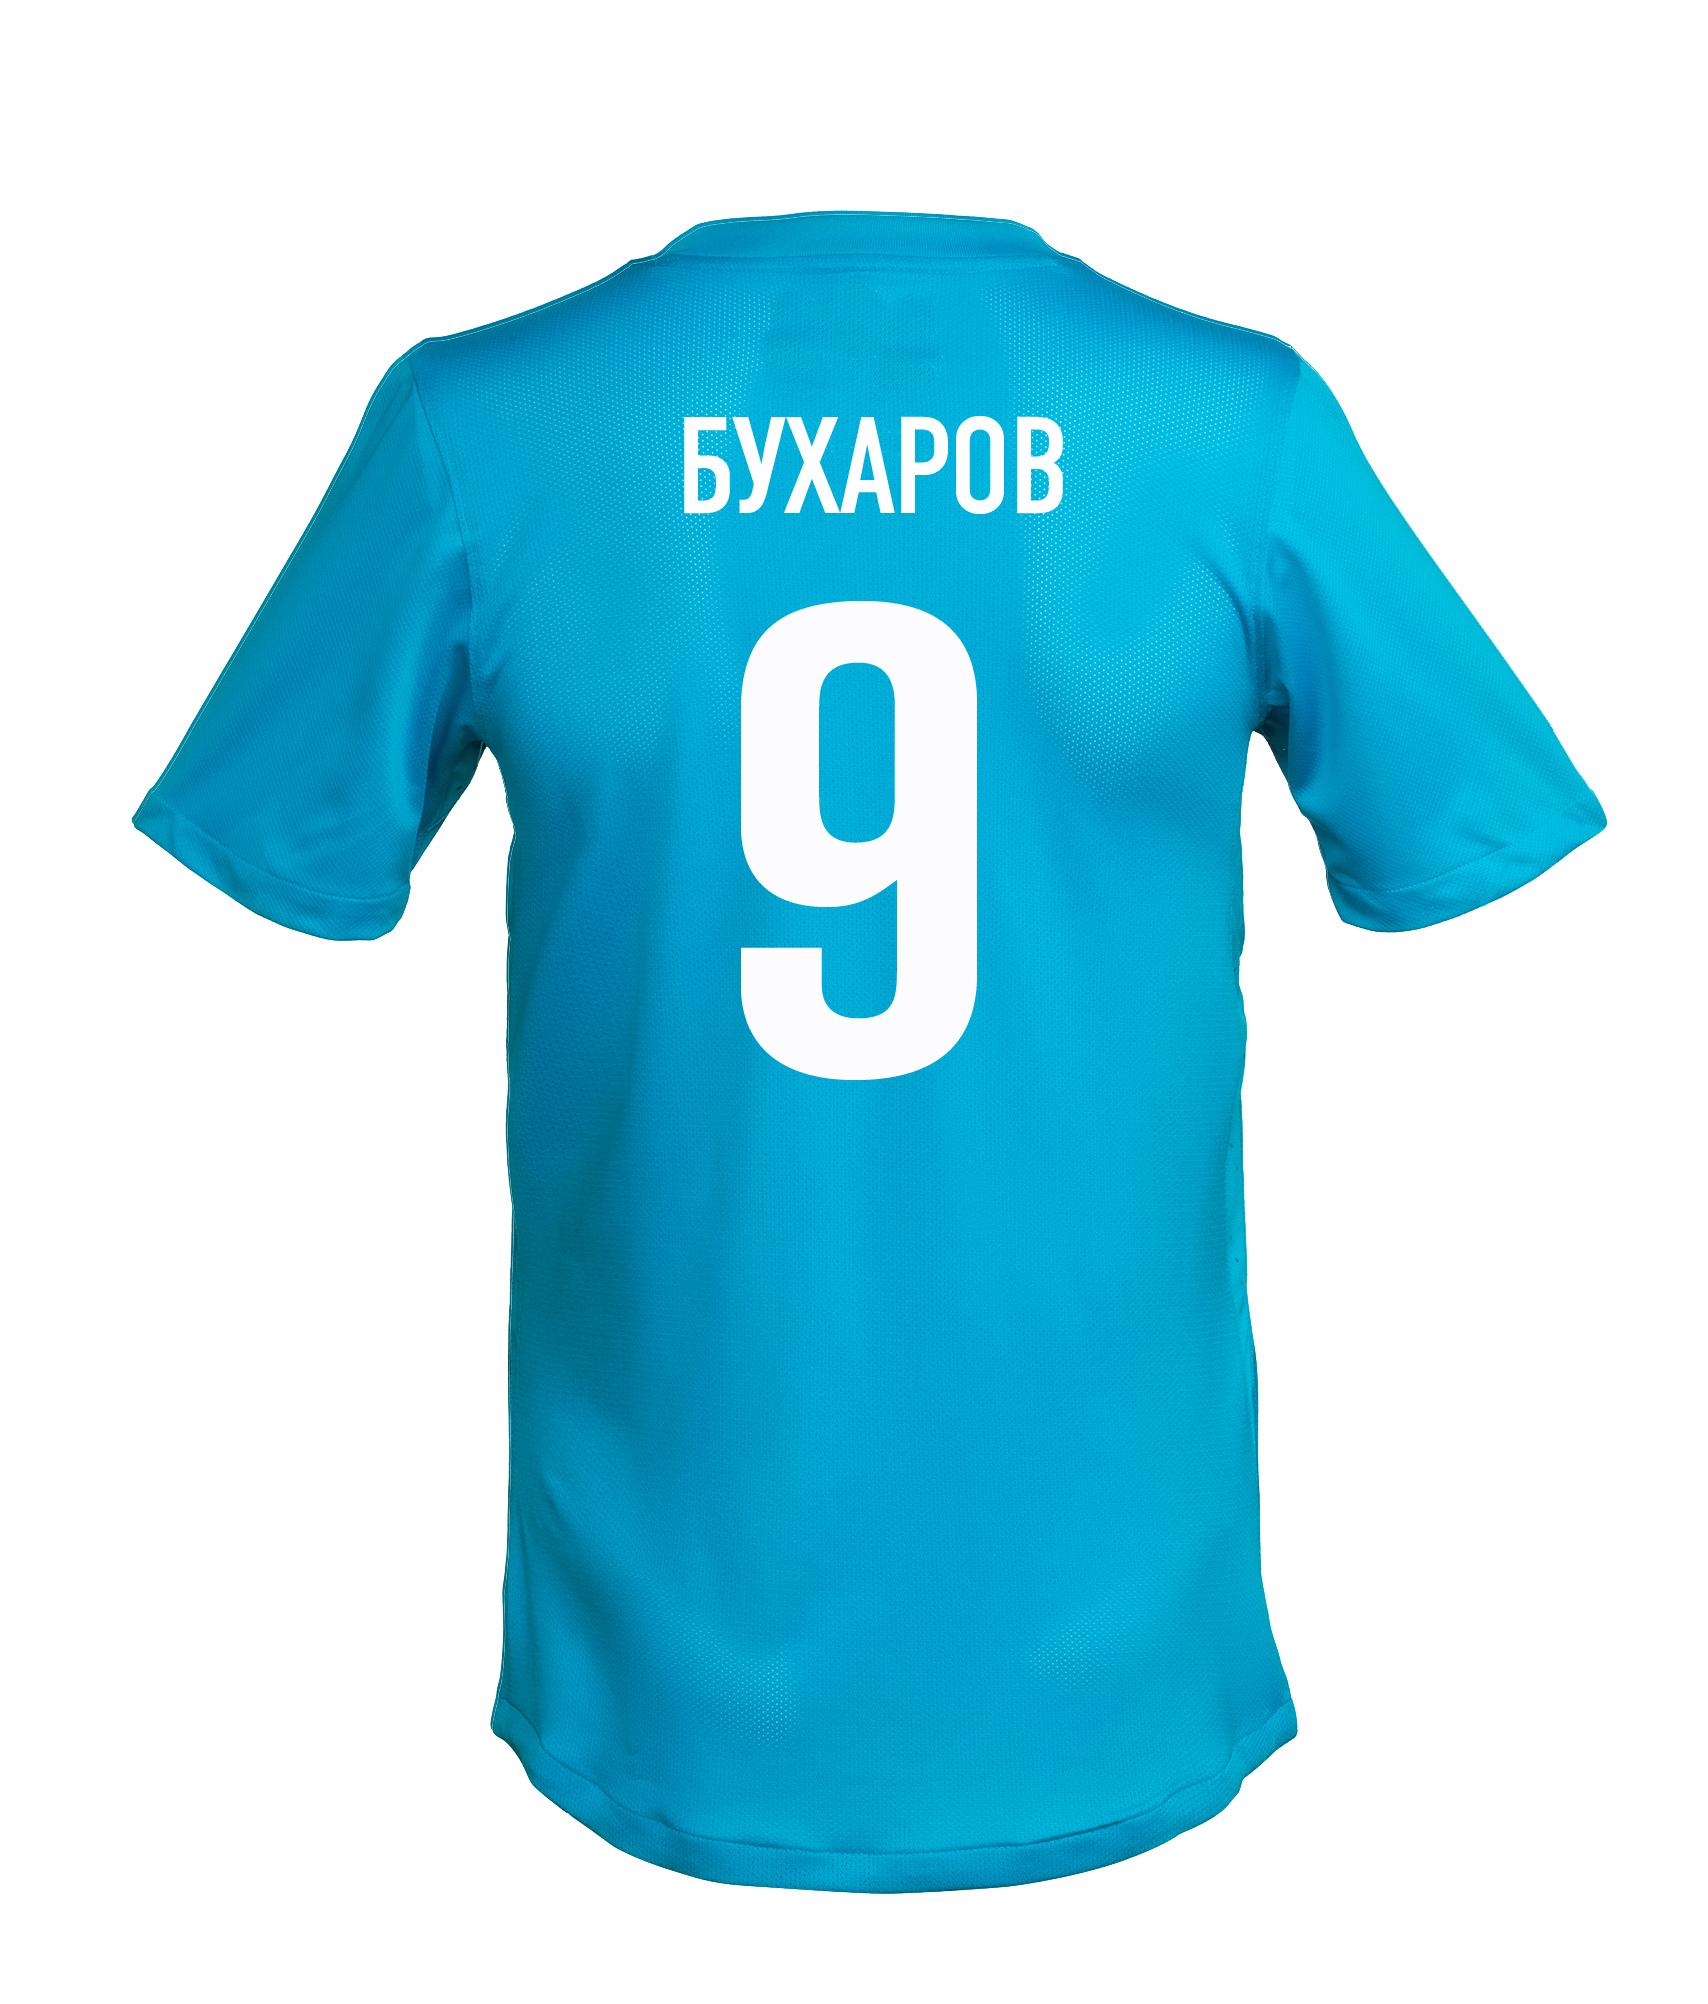 Игровая футболка с фамилией и номером А. Бухарова, Цвет-Синий, Размер-XL